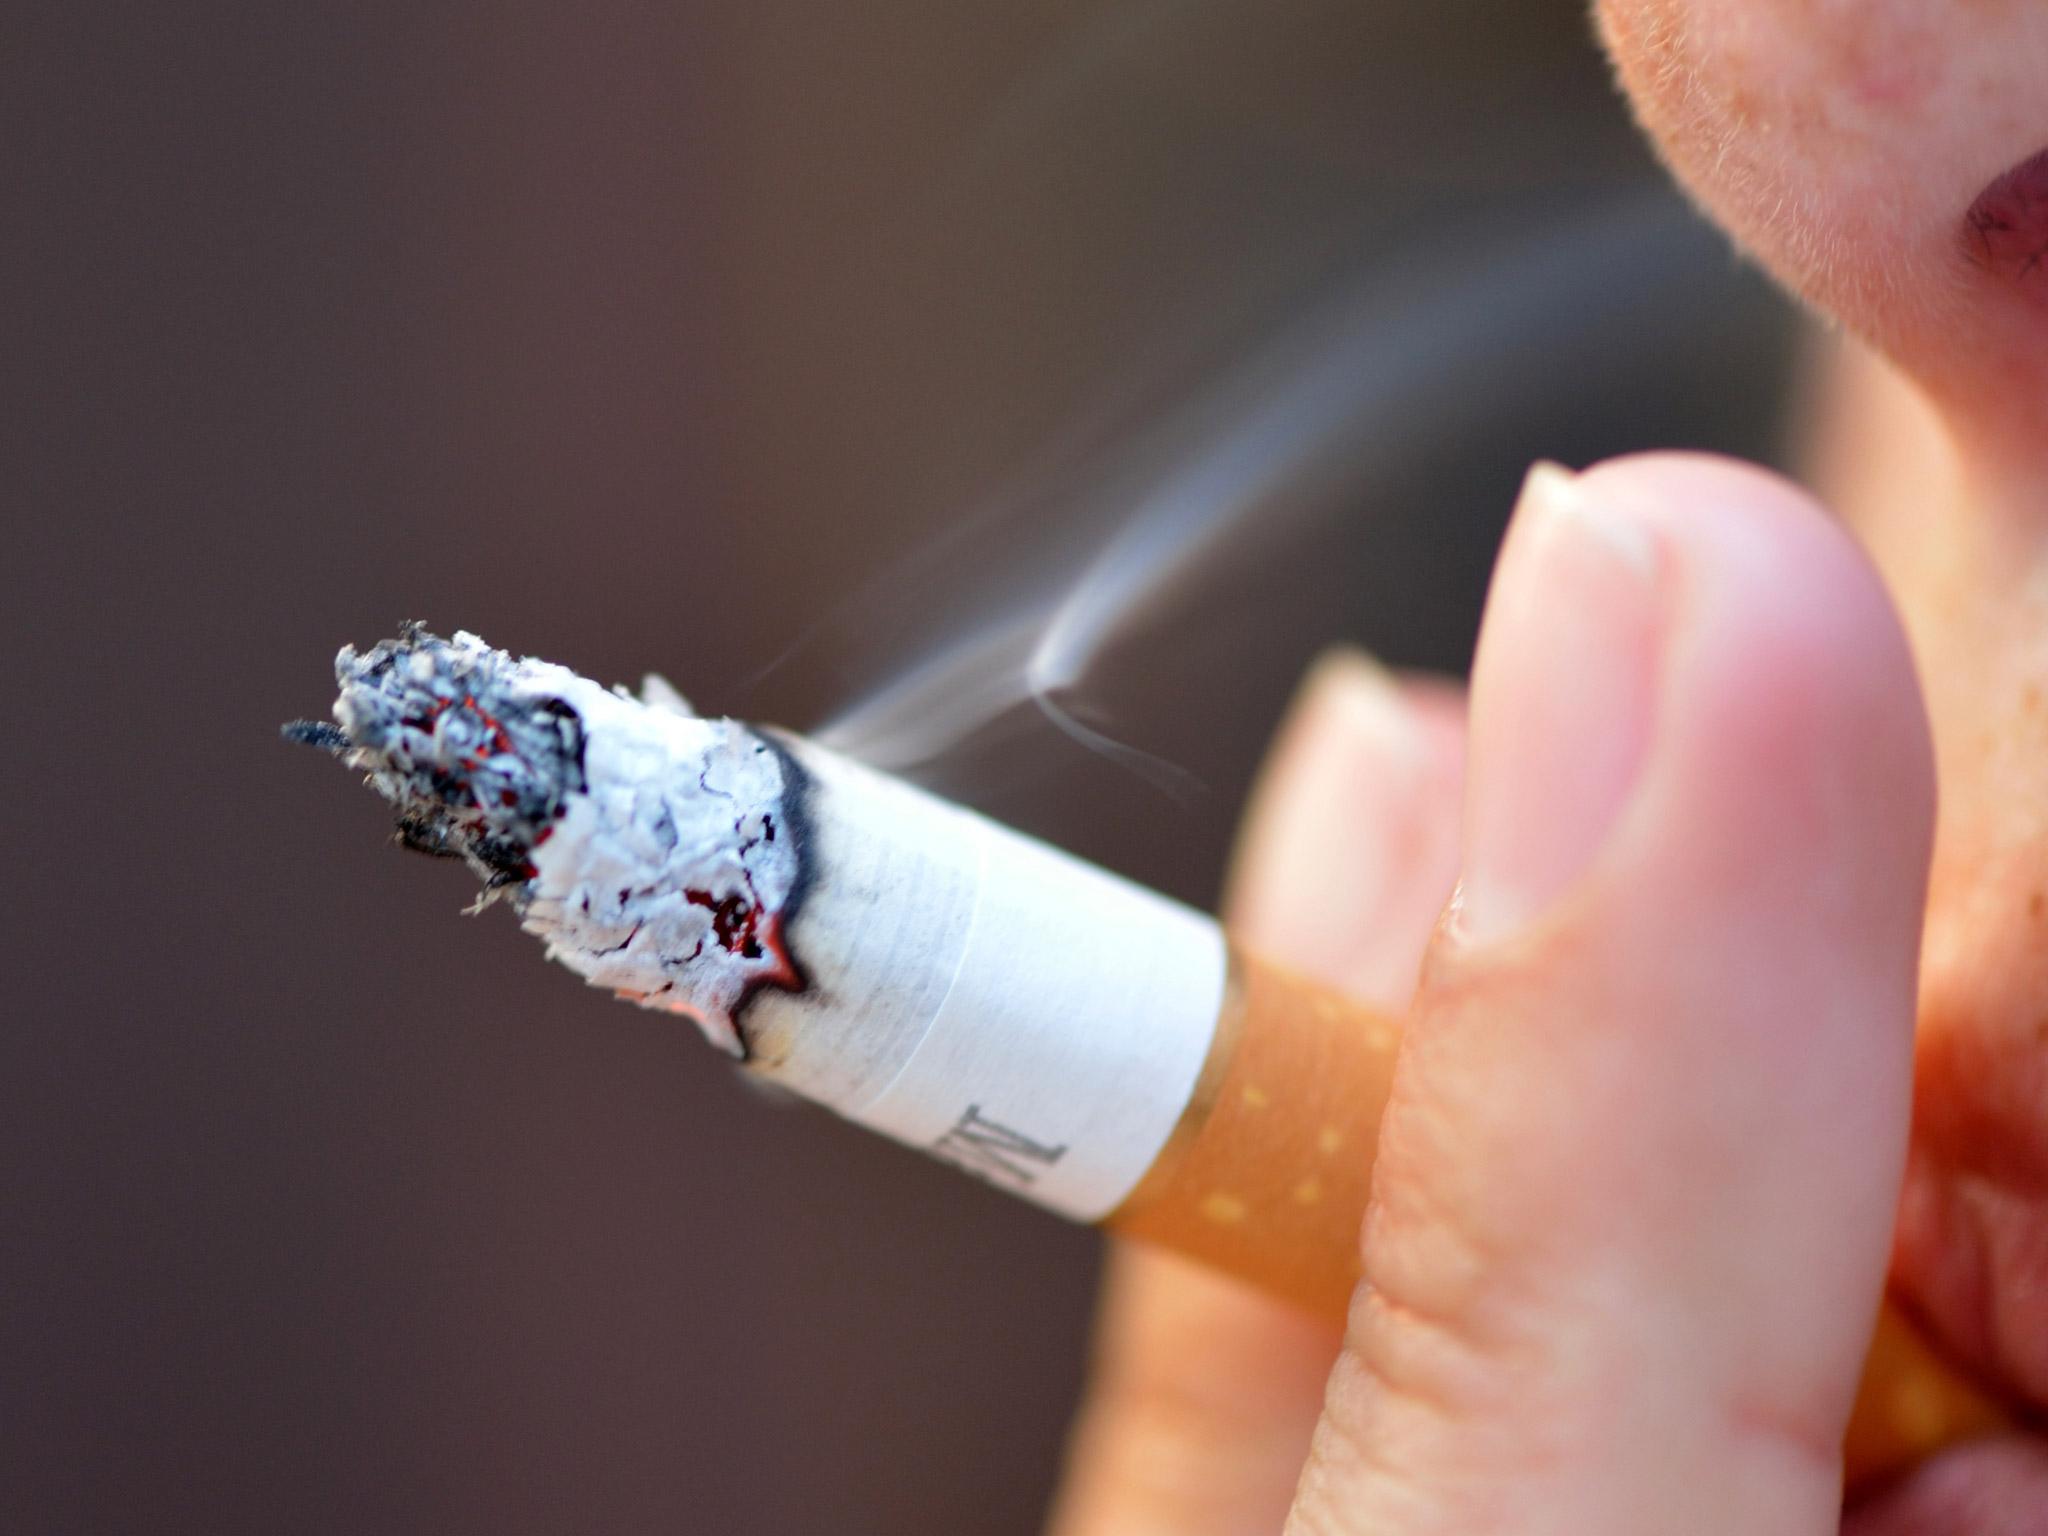 Κάπνισμα: Πολύ επικίνδυνα τα υπολλείματα καπνού στο χώρο! thumbnail